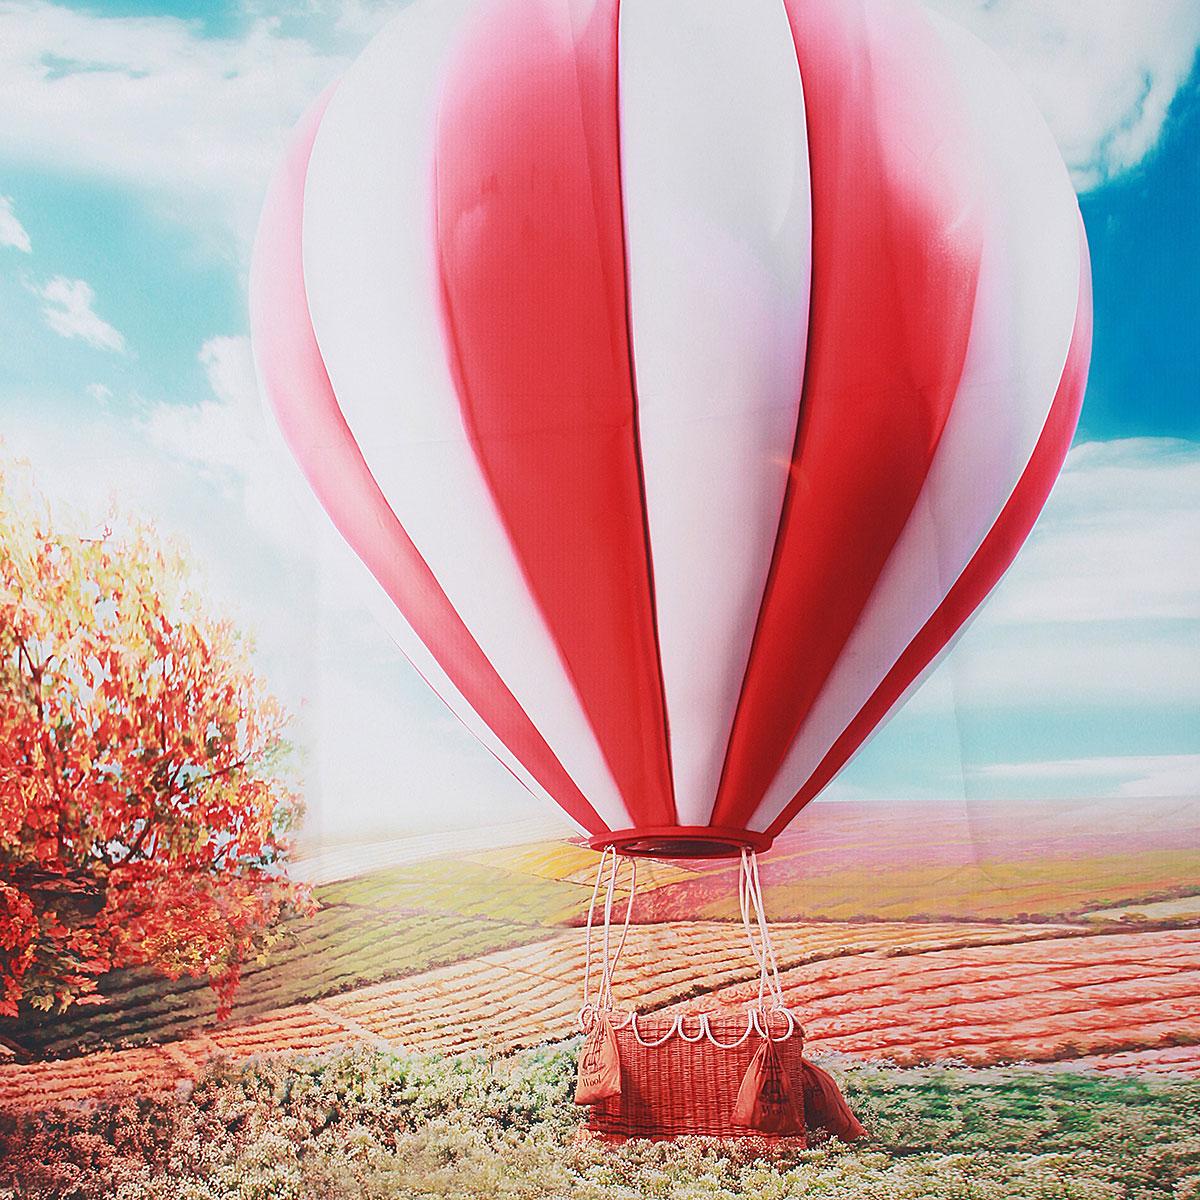 Szövet háttér fotózáshoz.Légballont ábrázoló fotó háttér 1 x 1.5M 1186224